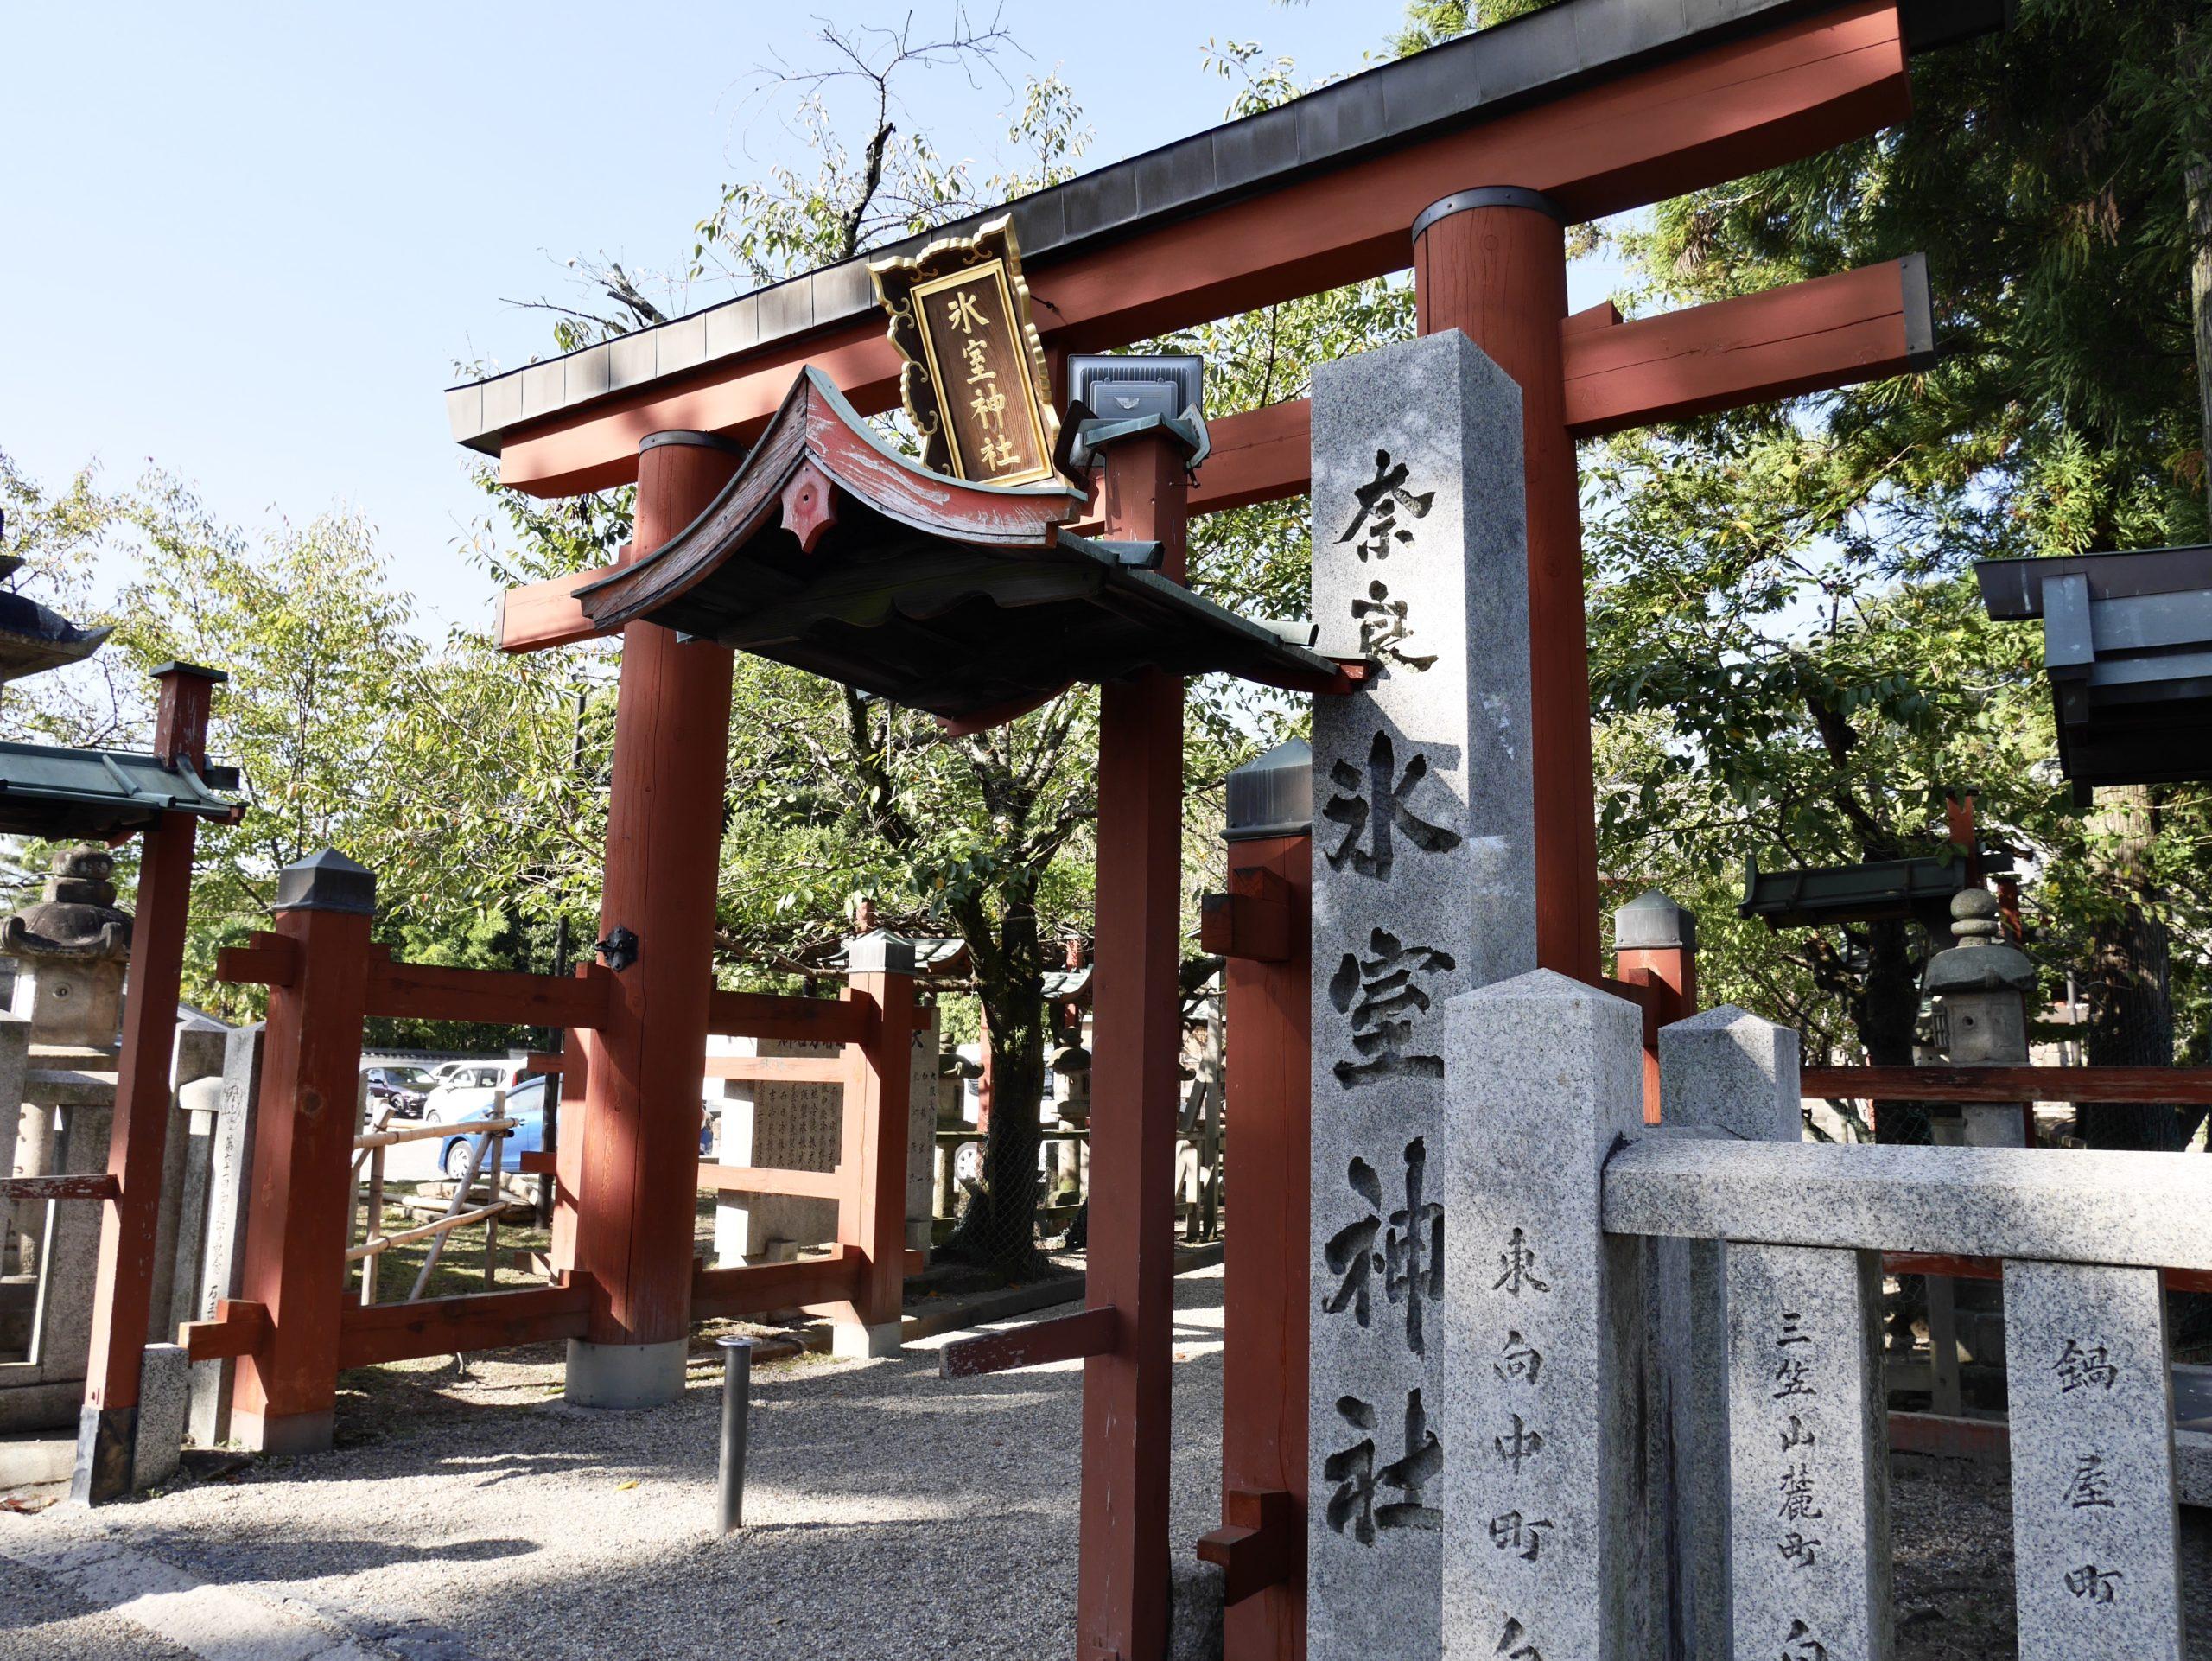 奈良県氷室神社の御朱印、受付時間、アクセス